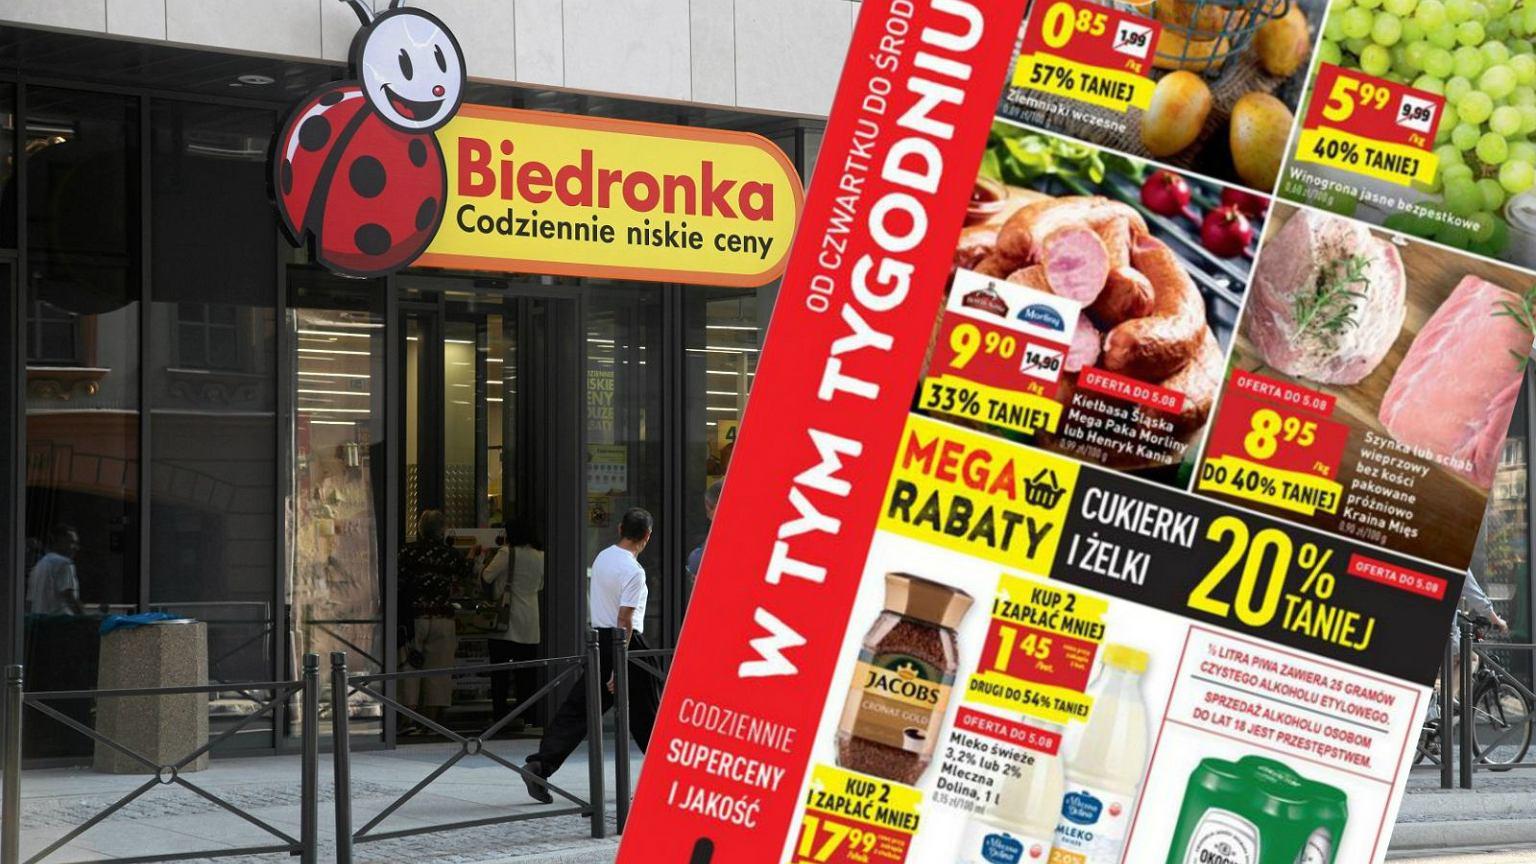 Biedronka Gazetka Od 0208 Do 0808 Tańsze Piwo Soki I